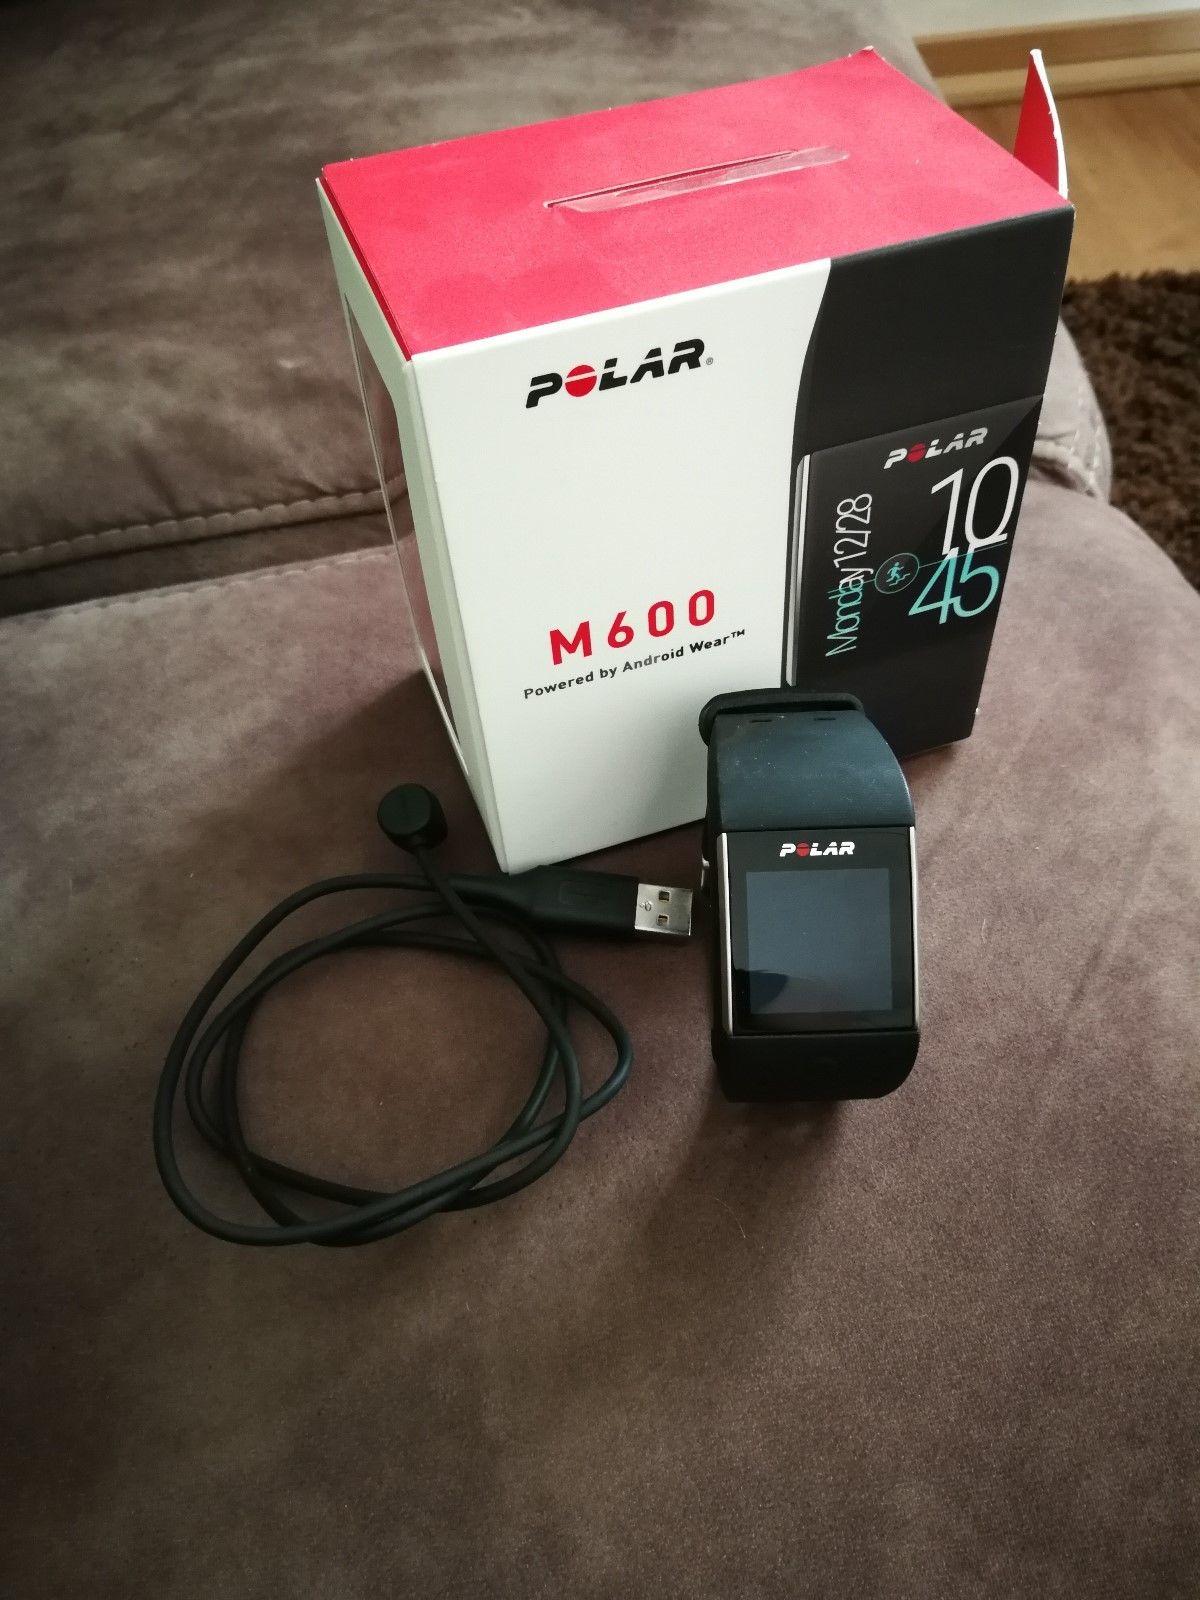 Polar m600 Smartwatch in Schwarz Gebraucht aber kaum genutzt